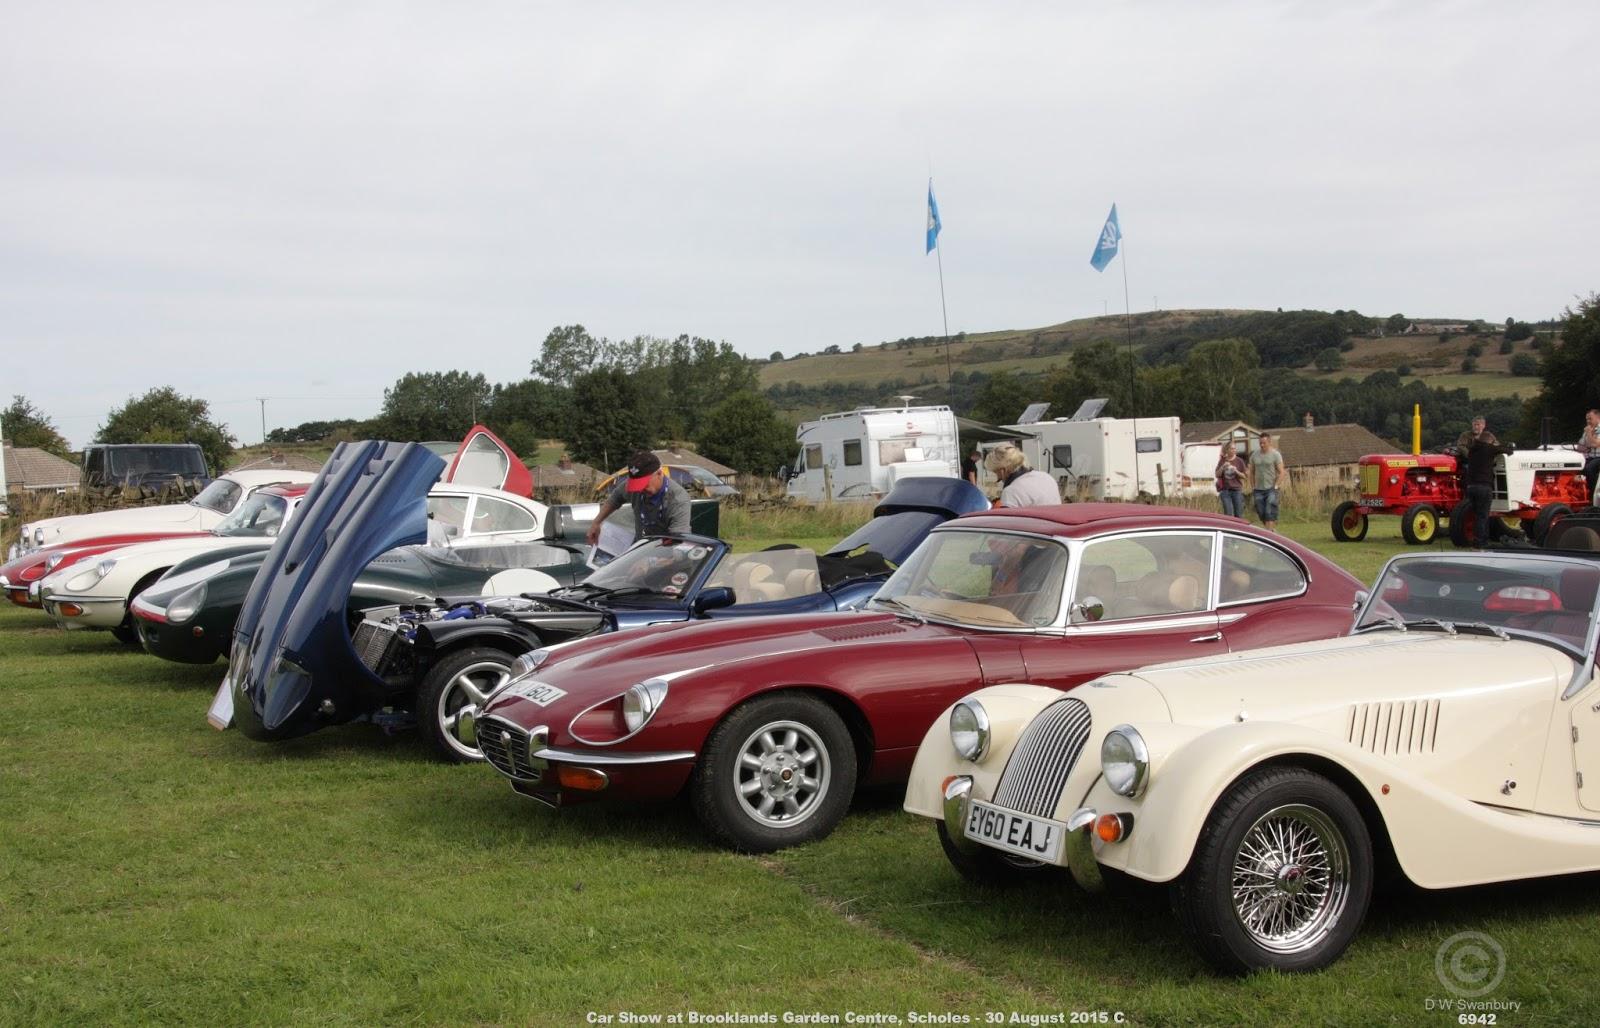 Brooklands Garden Centre Car Show